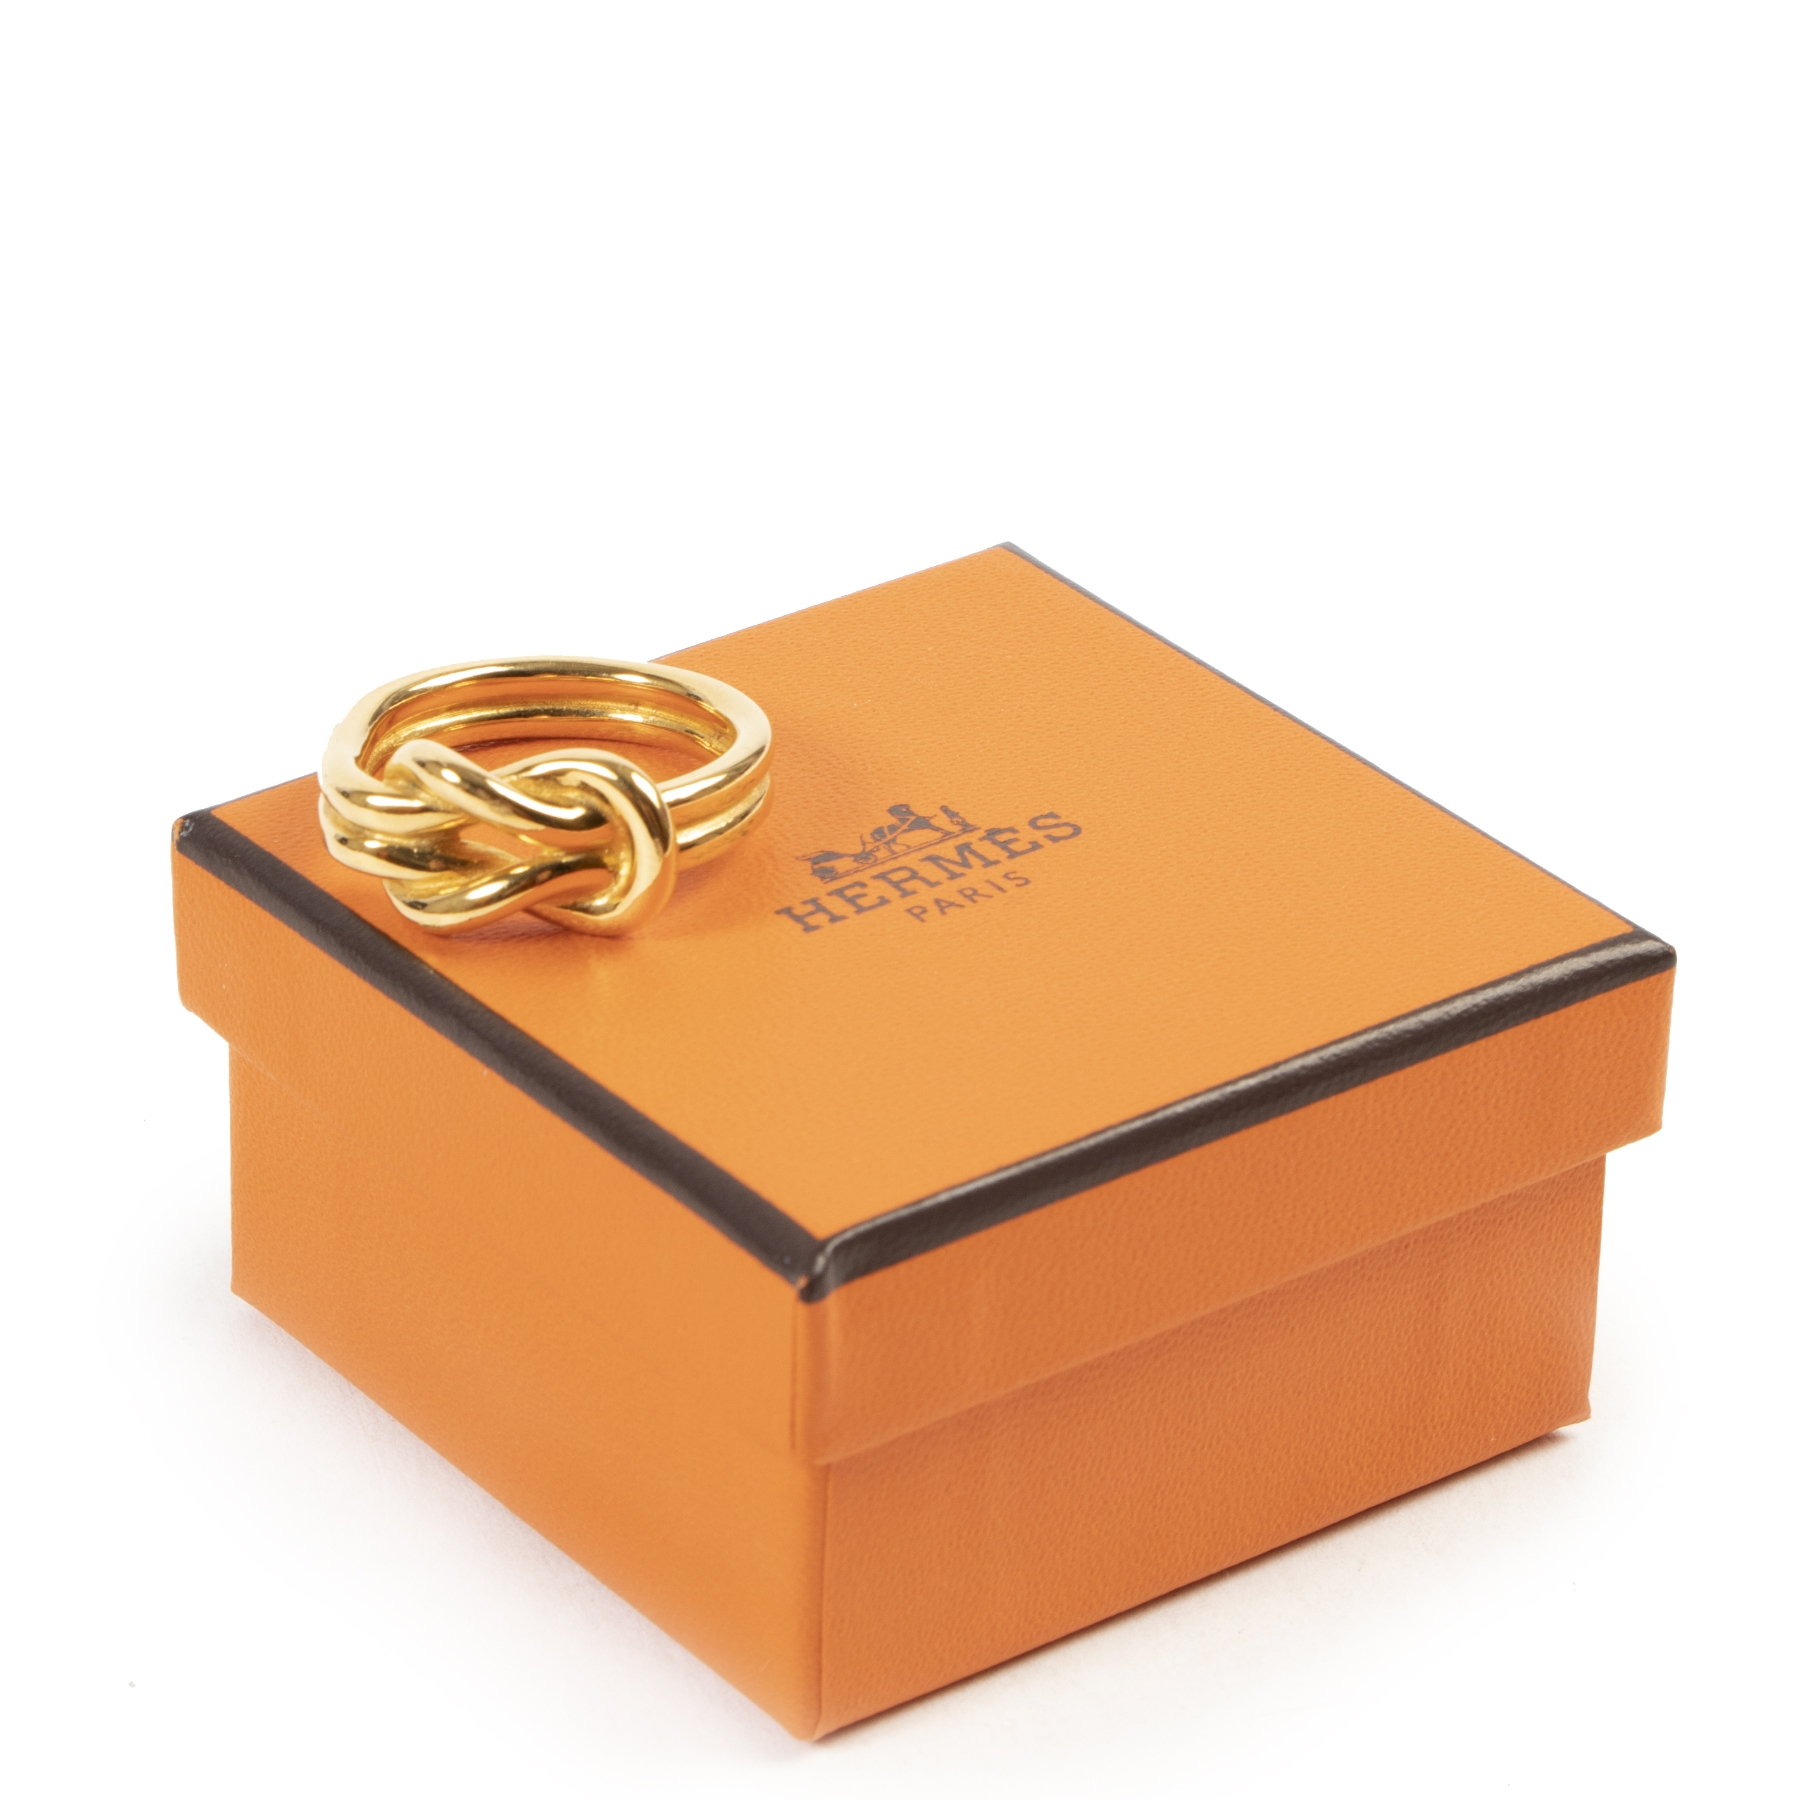 Hermès Gold Knot Scarf Ring kopen en verkopen aan de beste prijs